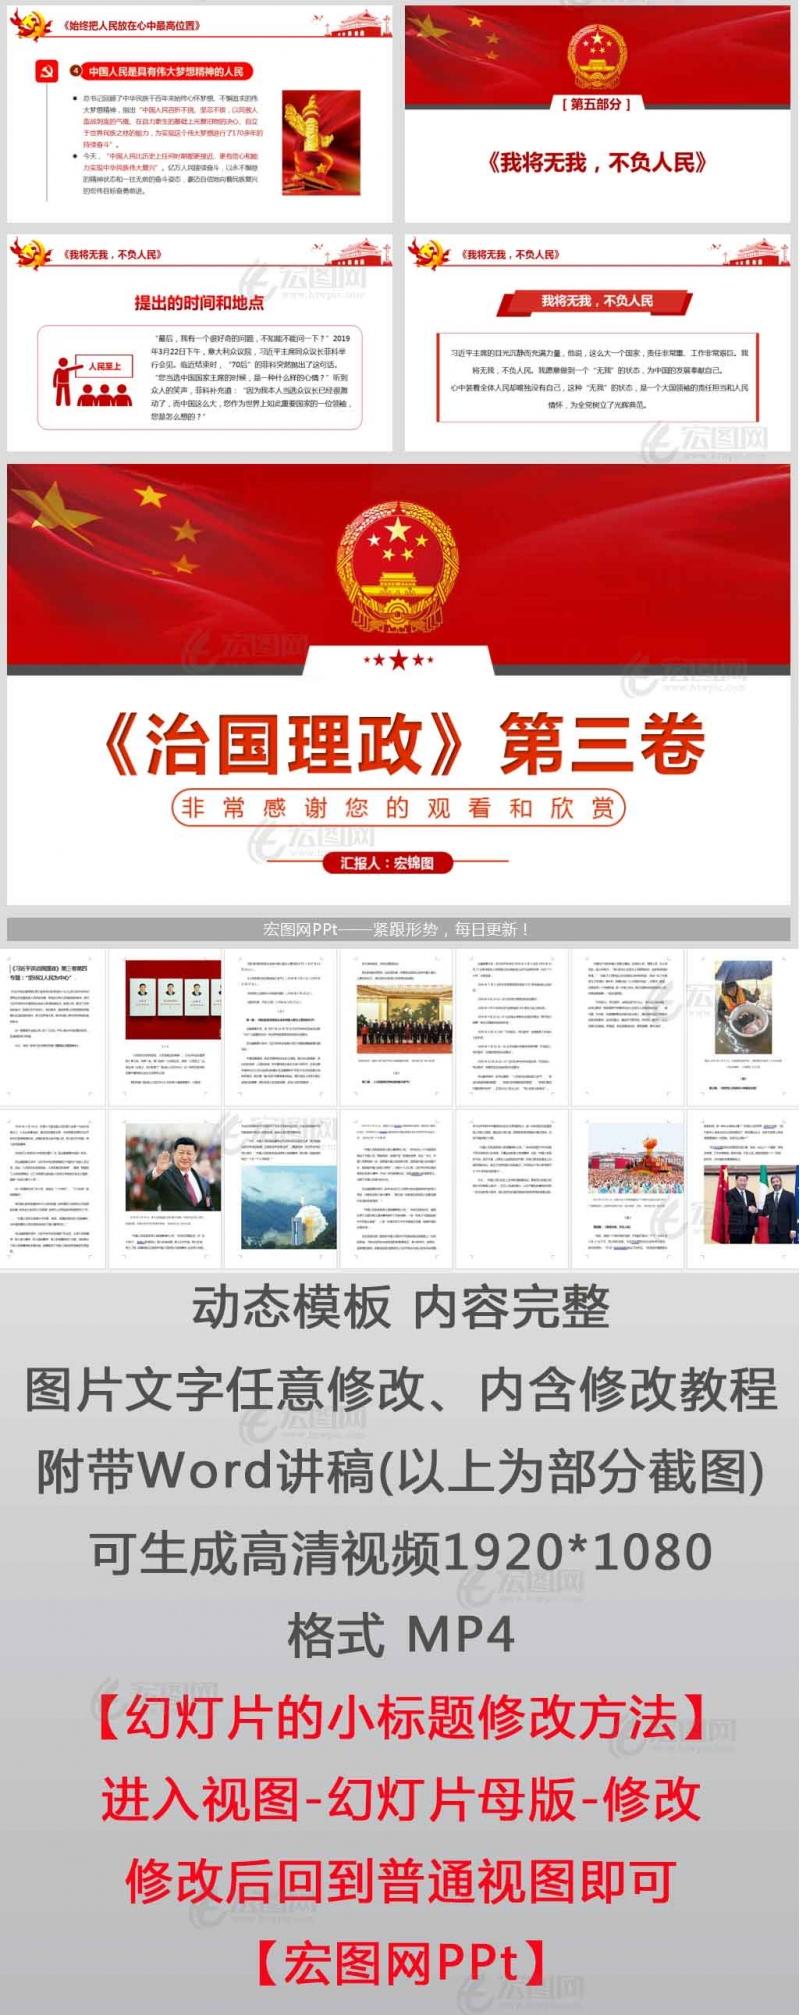 学习《治国理政》第三卷第四专题坚持以人民为中心最新党课教材PPT